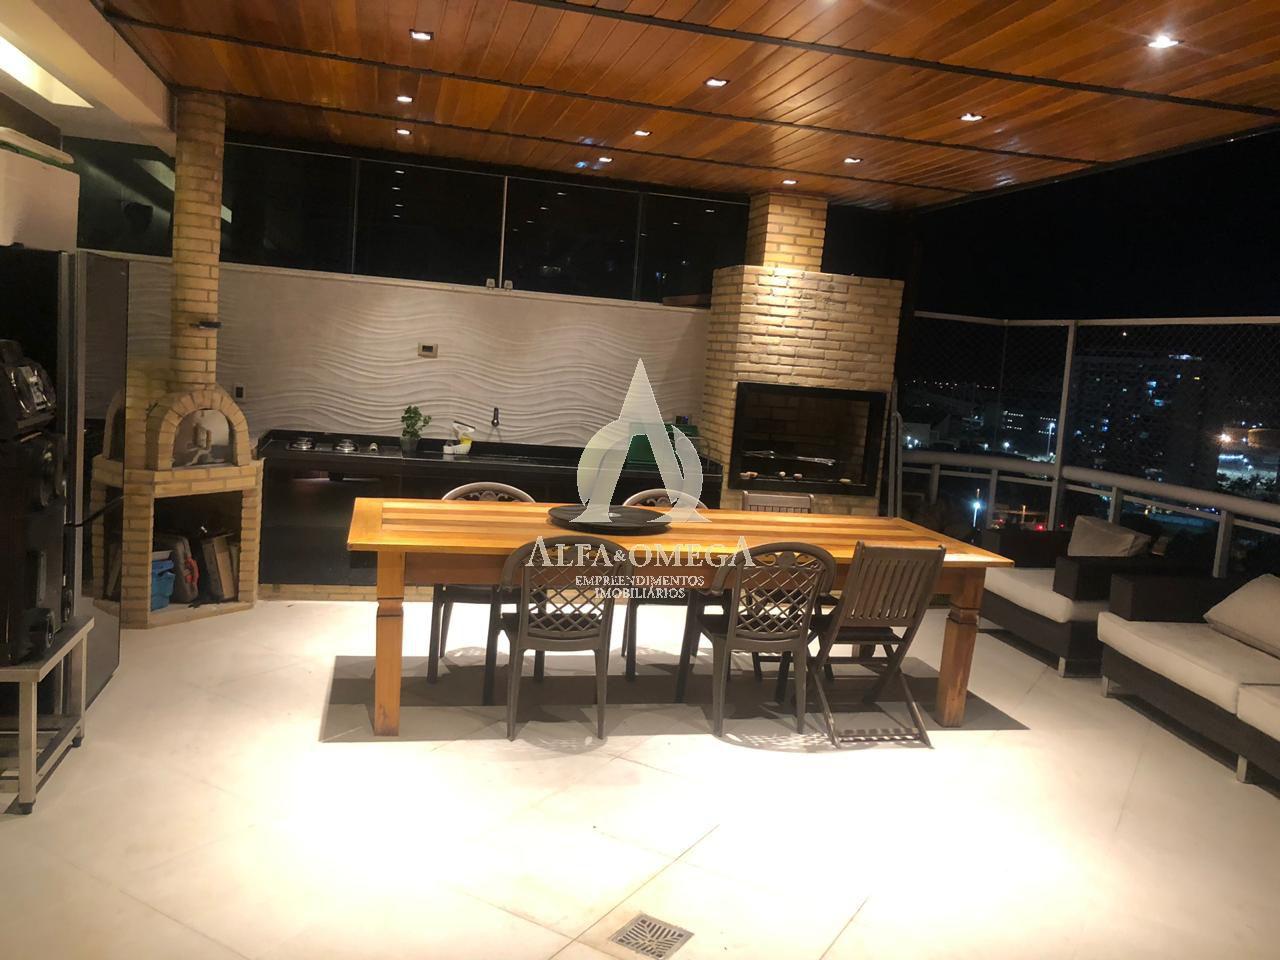 FOTO 26 - Cobertura Jacarepaguá, Rio de Janeiro, RJ Para Venda e Aluguel, 2 Quartos, 249m² - AOJ50012 - 27